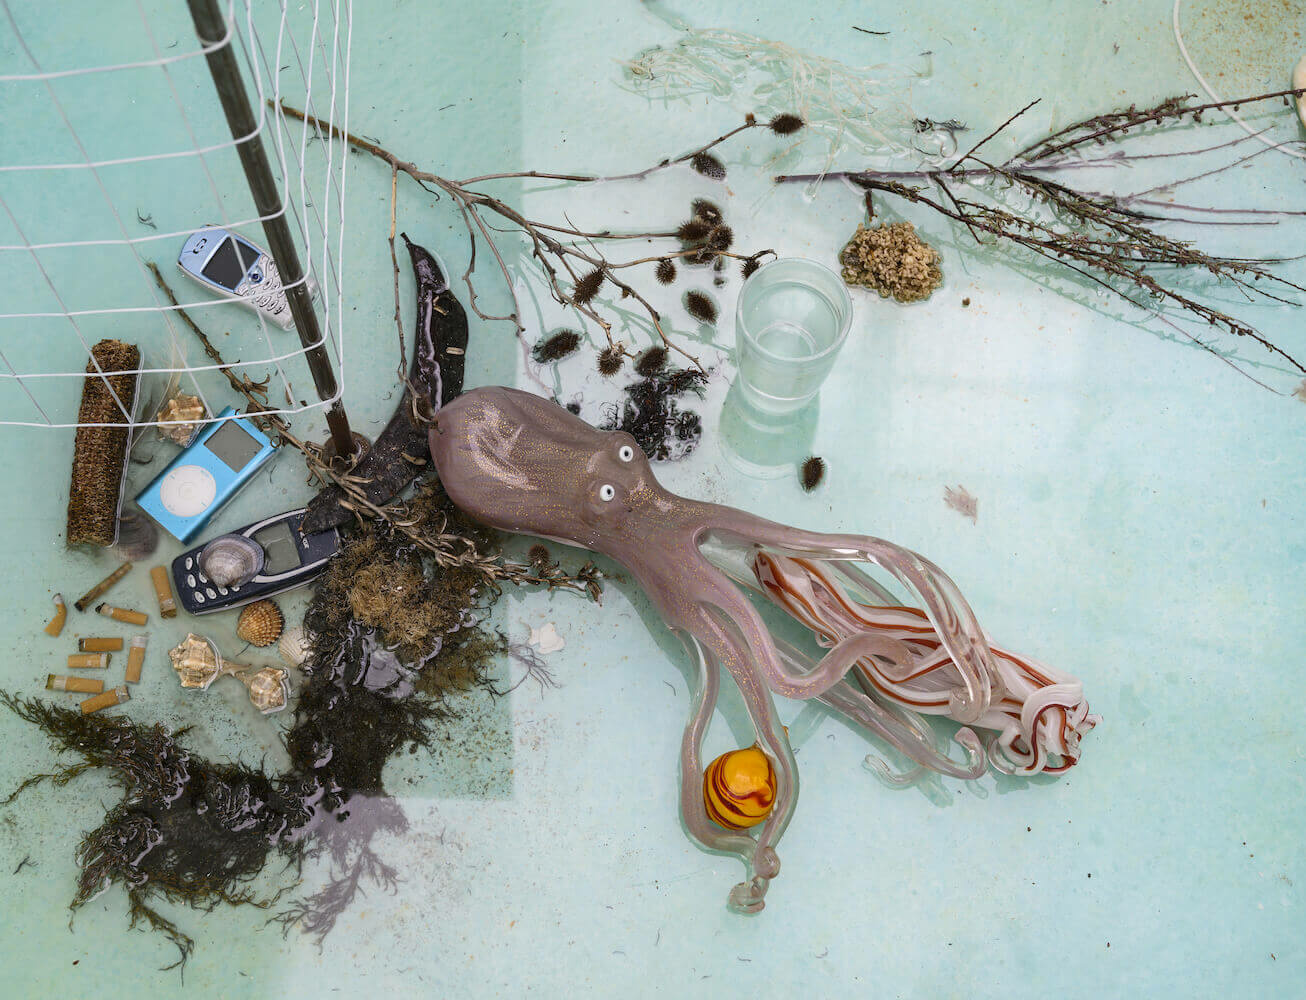 Laure Prouvost's Venice Biennale exhibition tours to Les Abattoirs, Toulouse